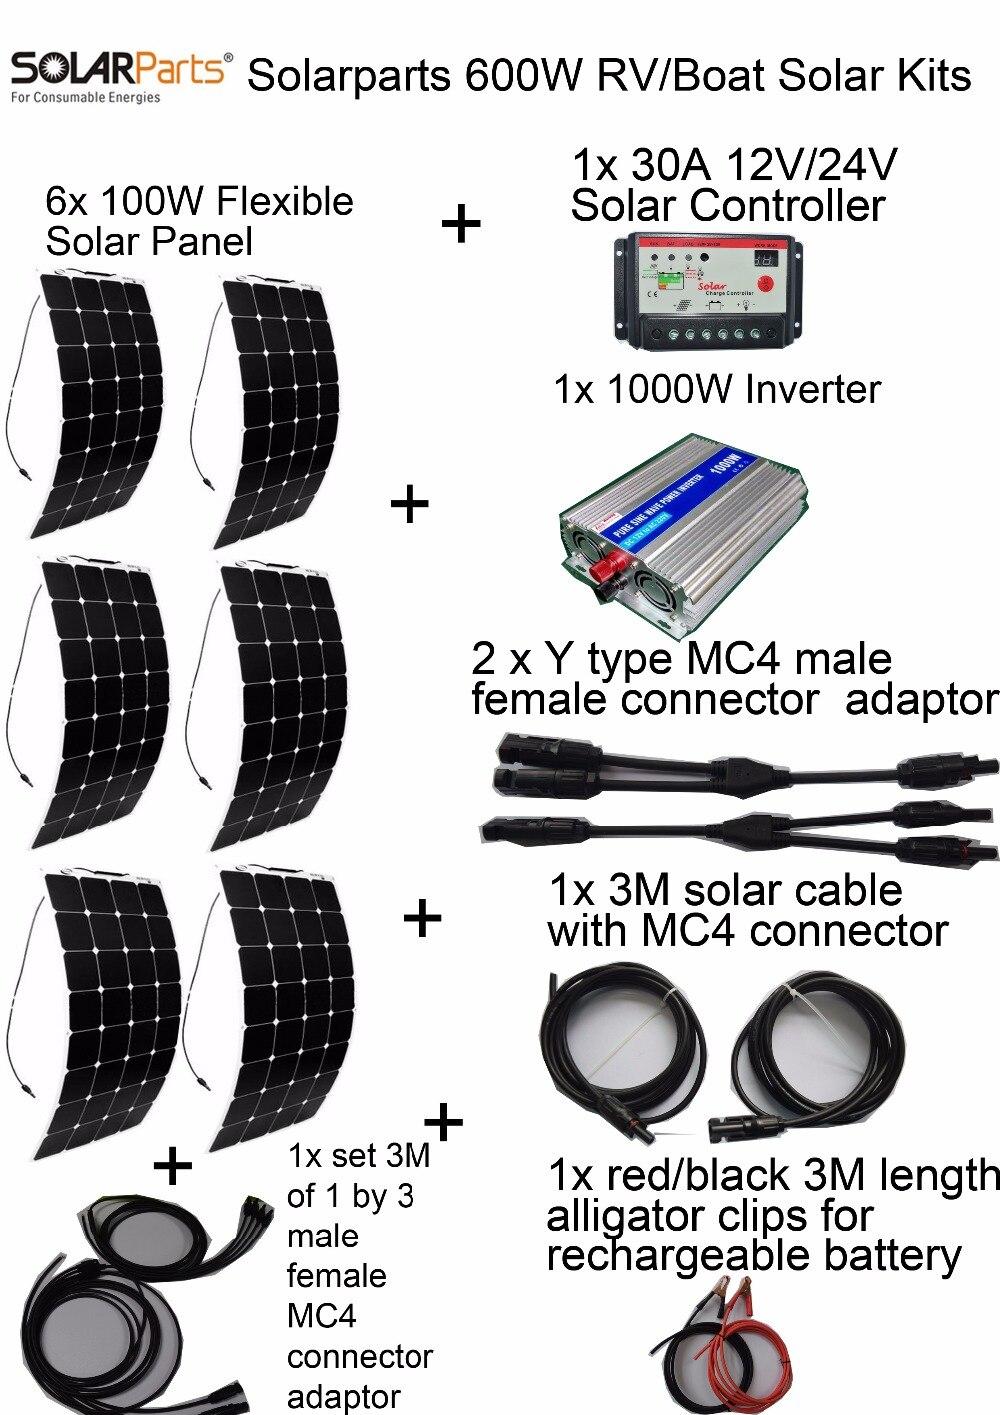 600w diy kits photovoltaic system 6 x100w flexible solar